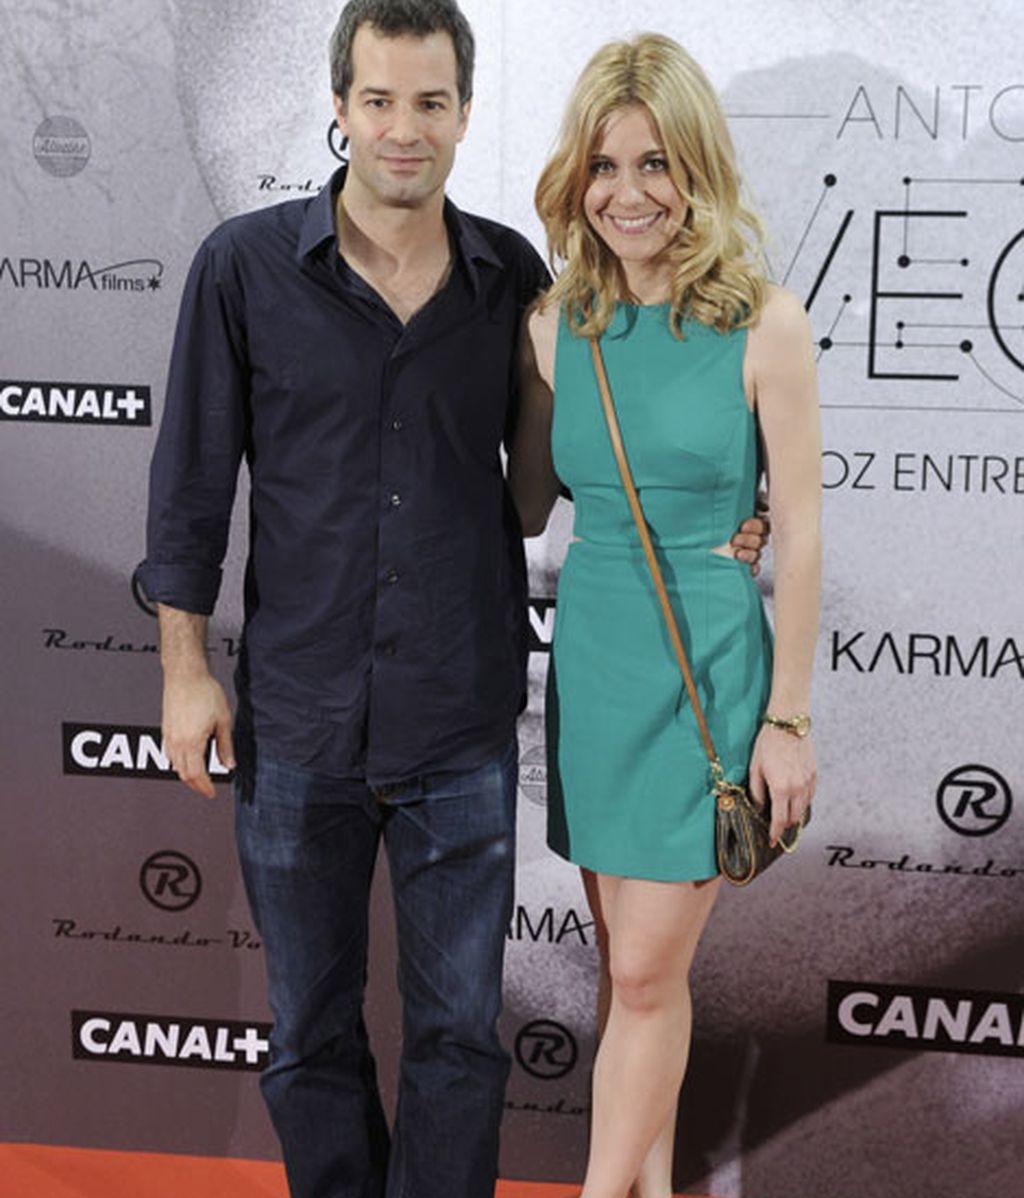 La actriz Alexandra Jiménez acudió junto a su pareja, el actor Luis Rallo